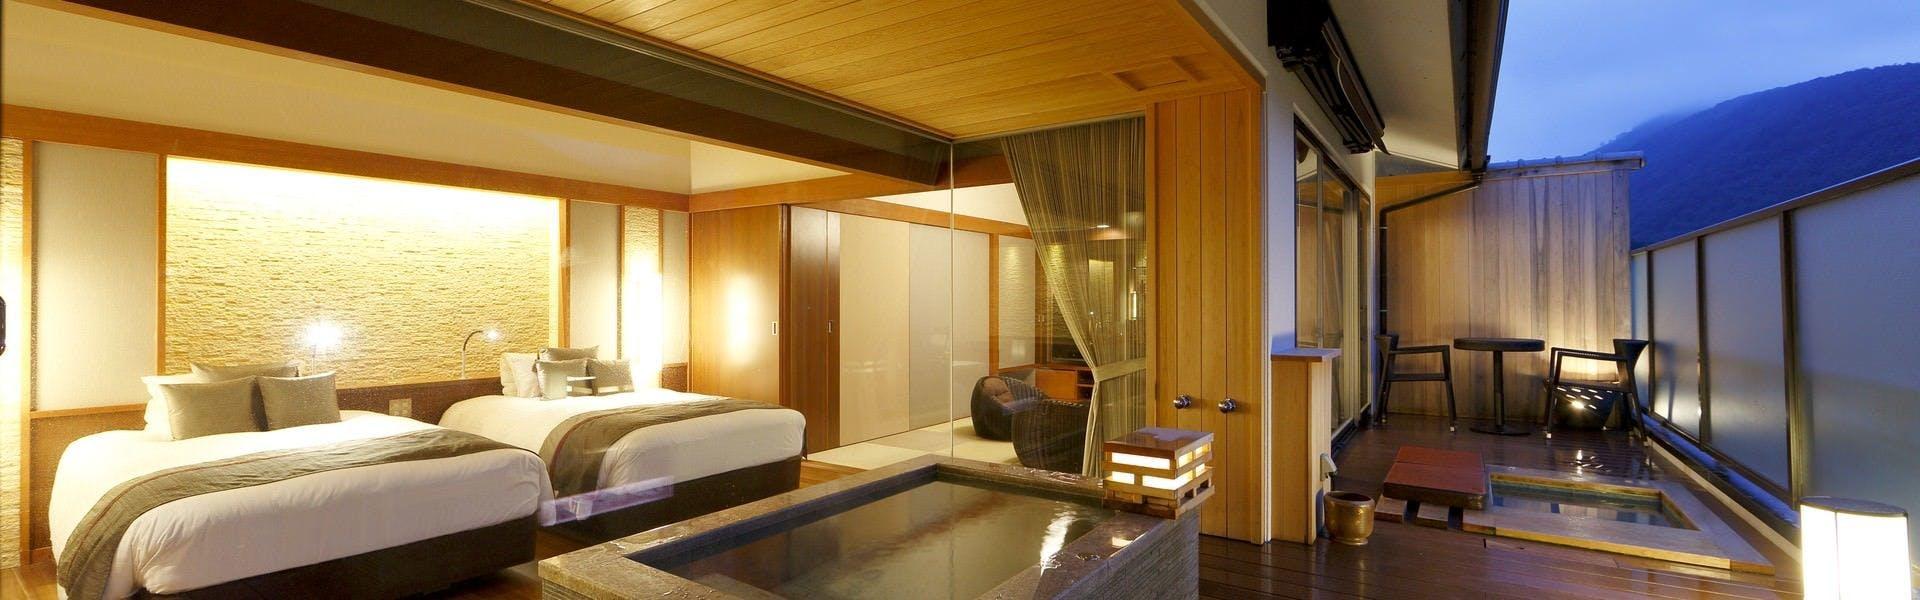 記念日におすすめのホテル・箱根 花紋の写真1